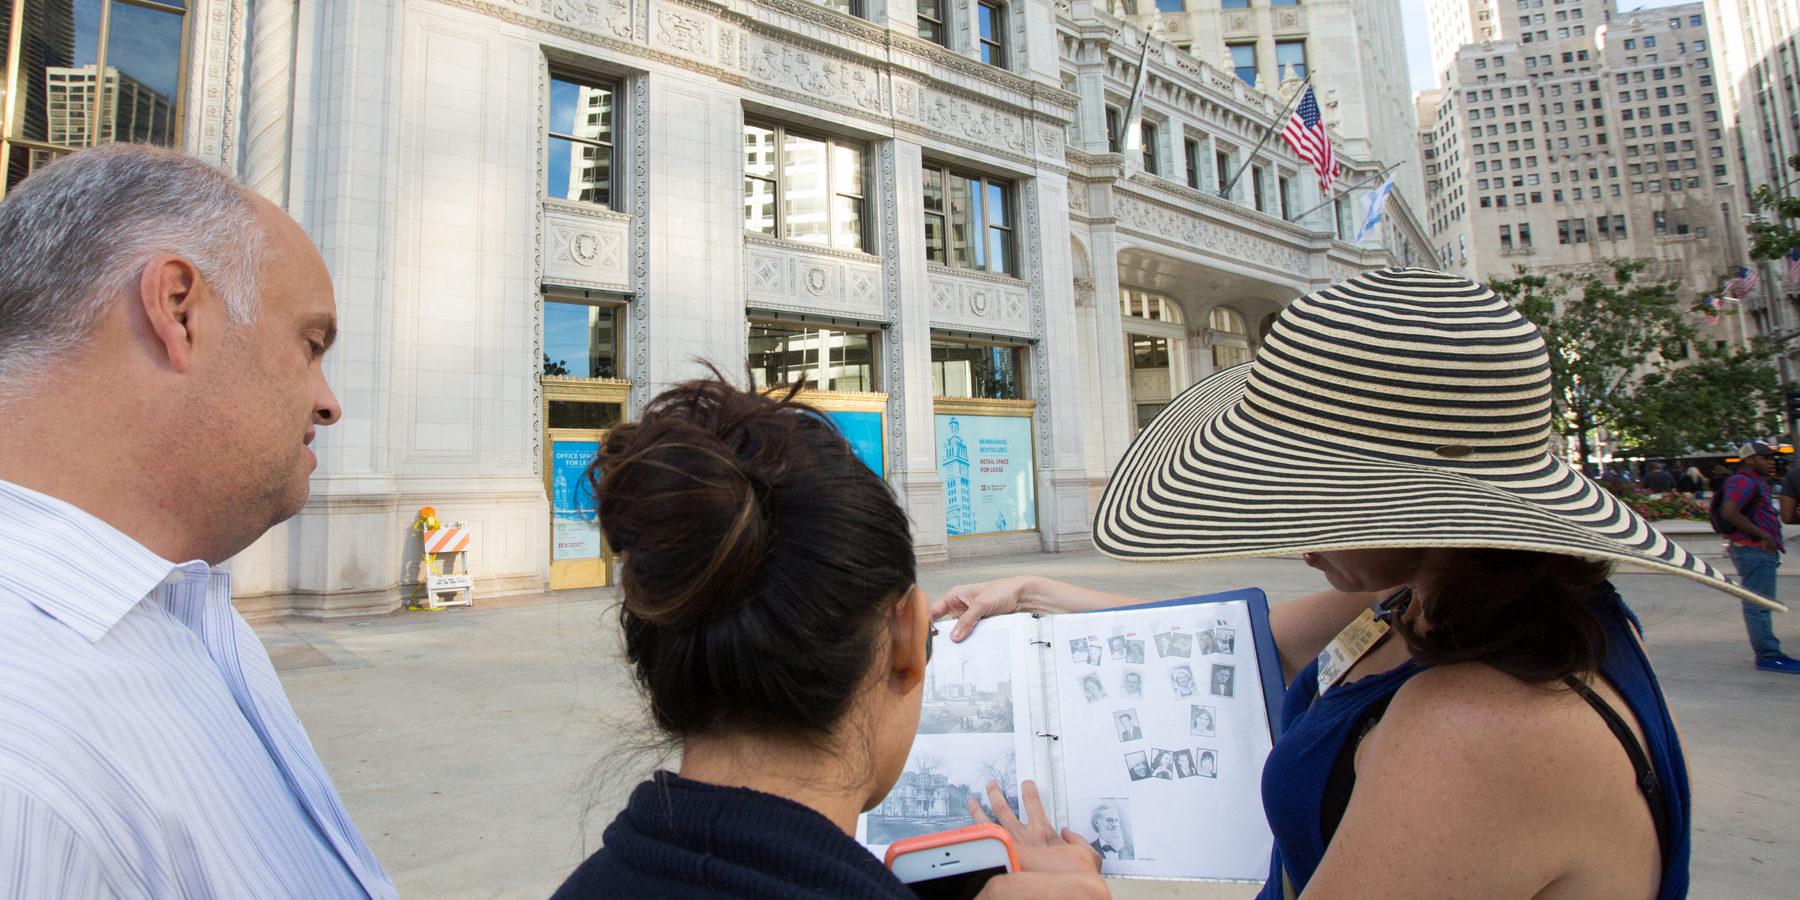 Walking tour of Chicago